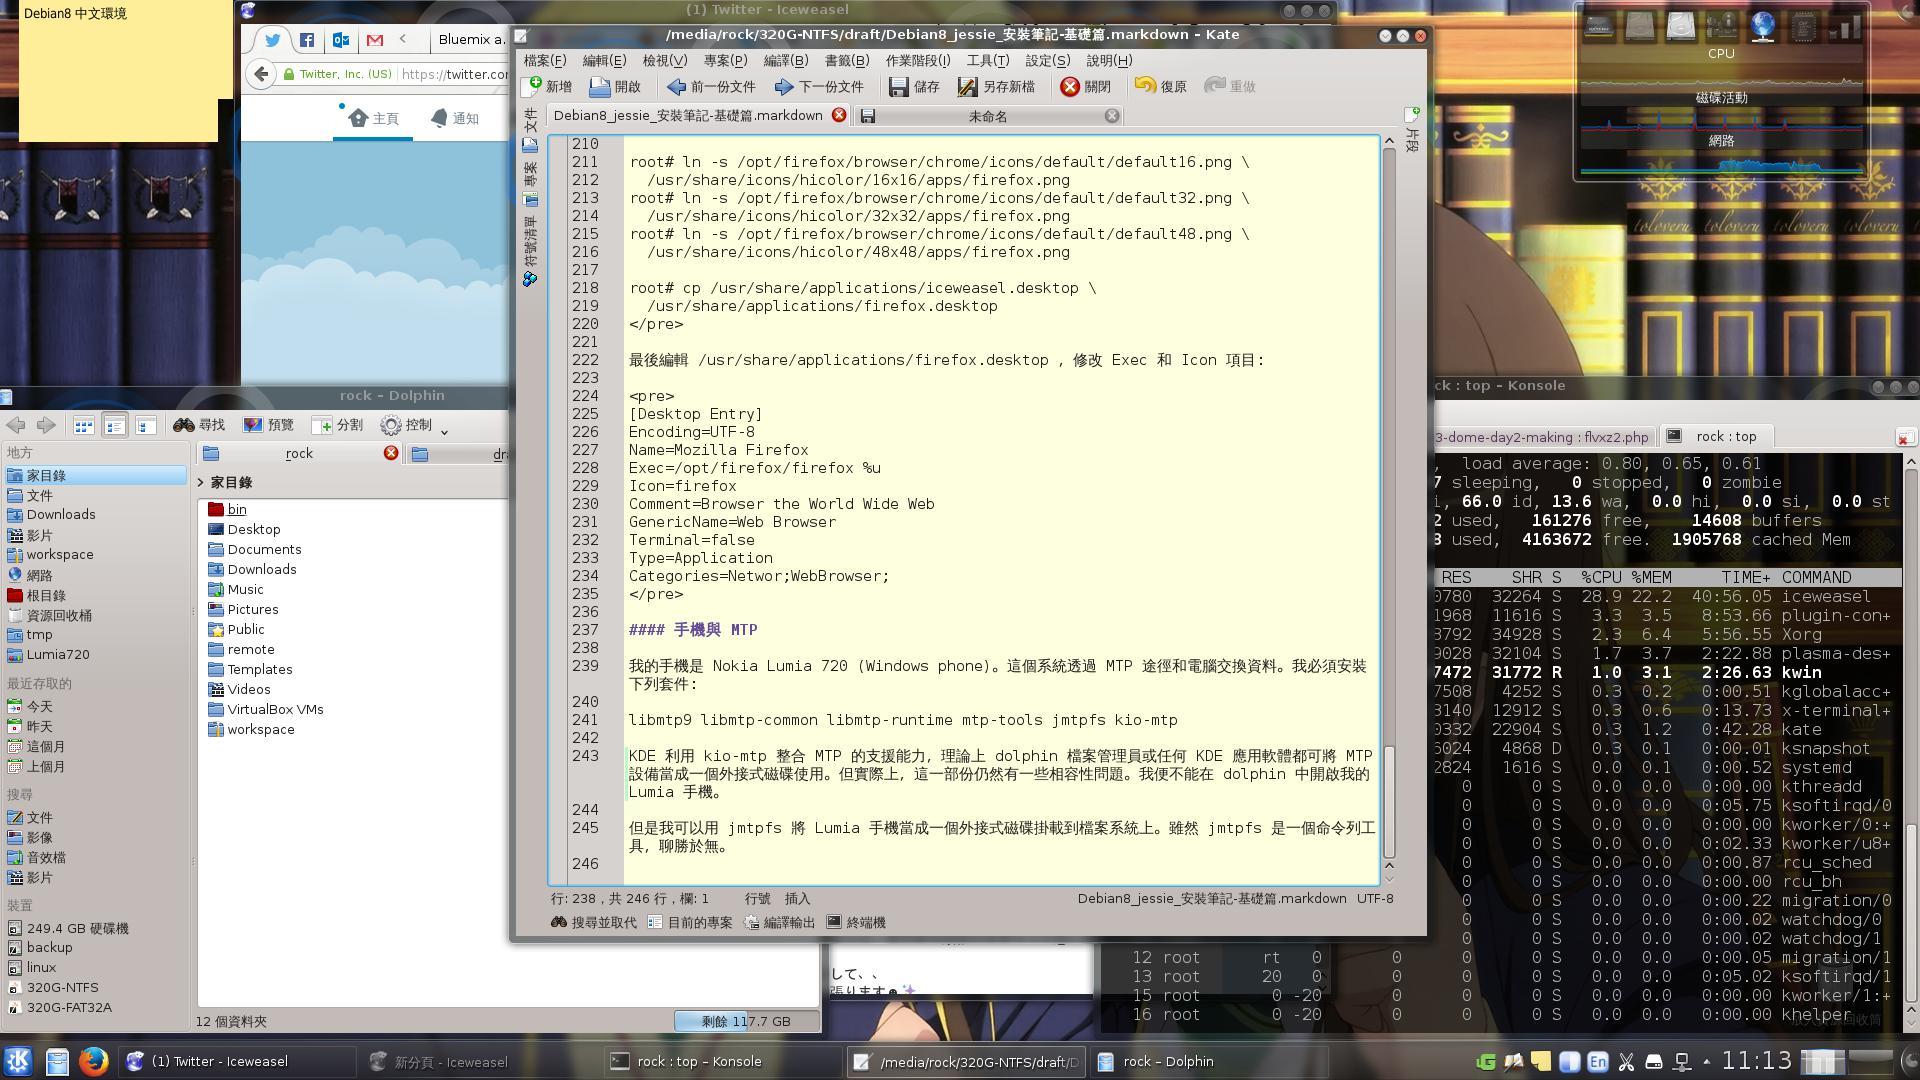 我的工作桌面,Debian 8 與 KDE